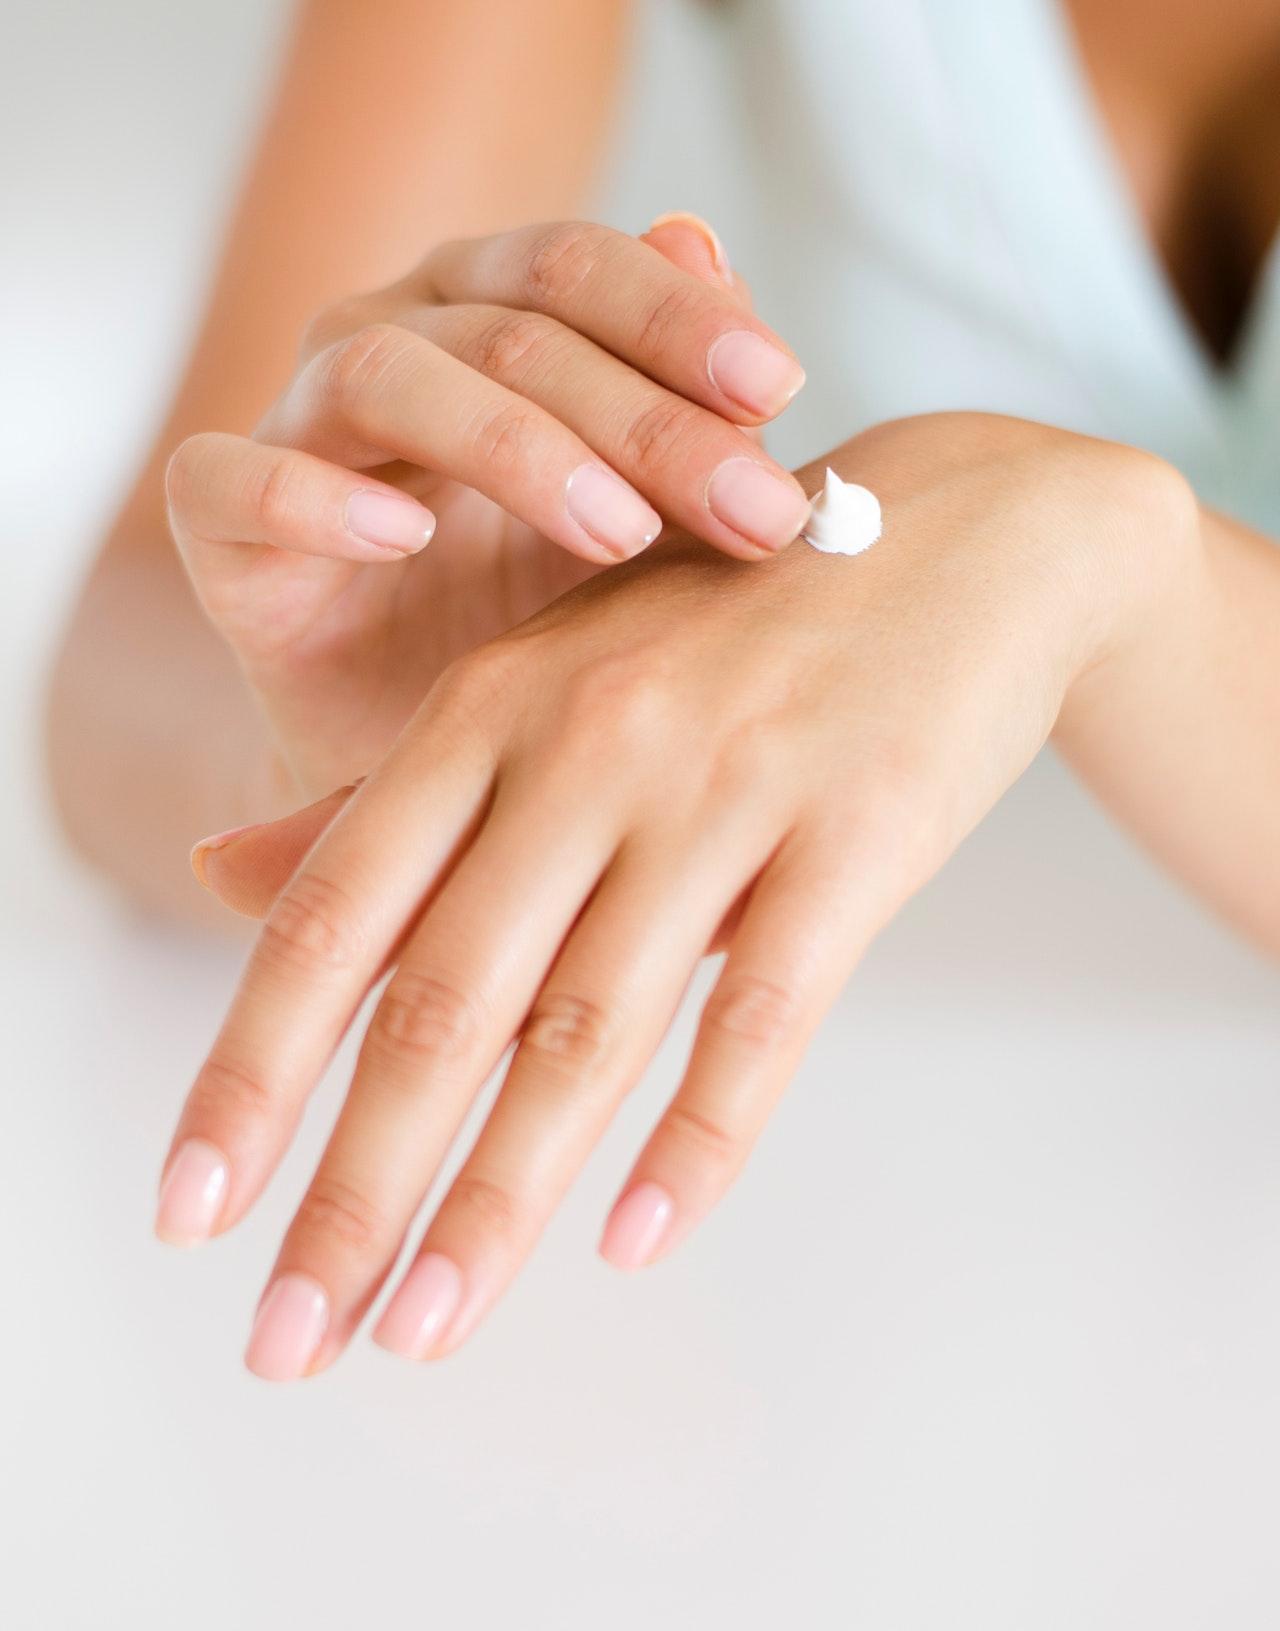 Six Fabulous Ways To Treat Dry Skin